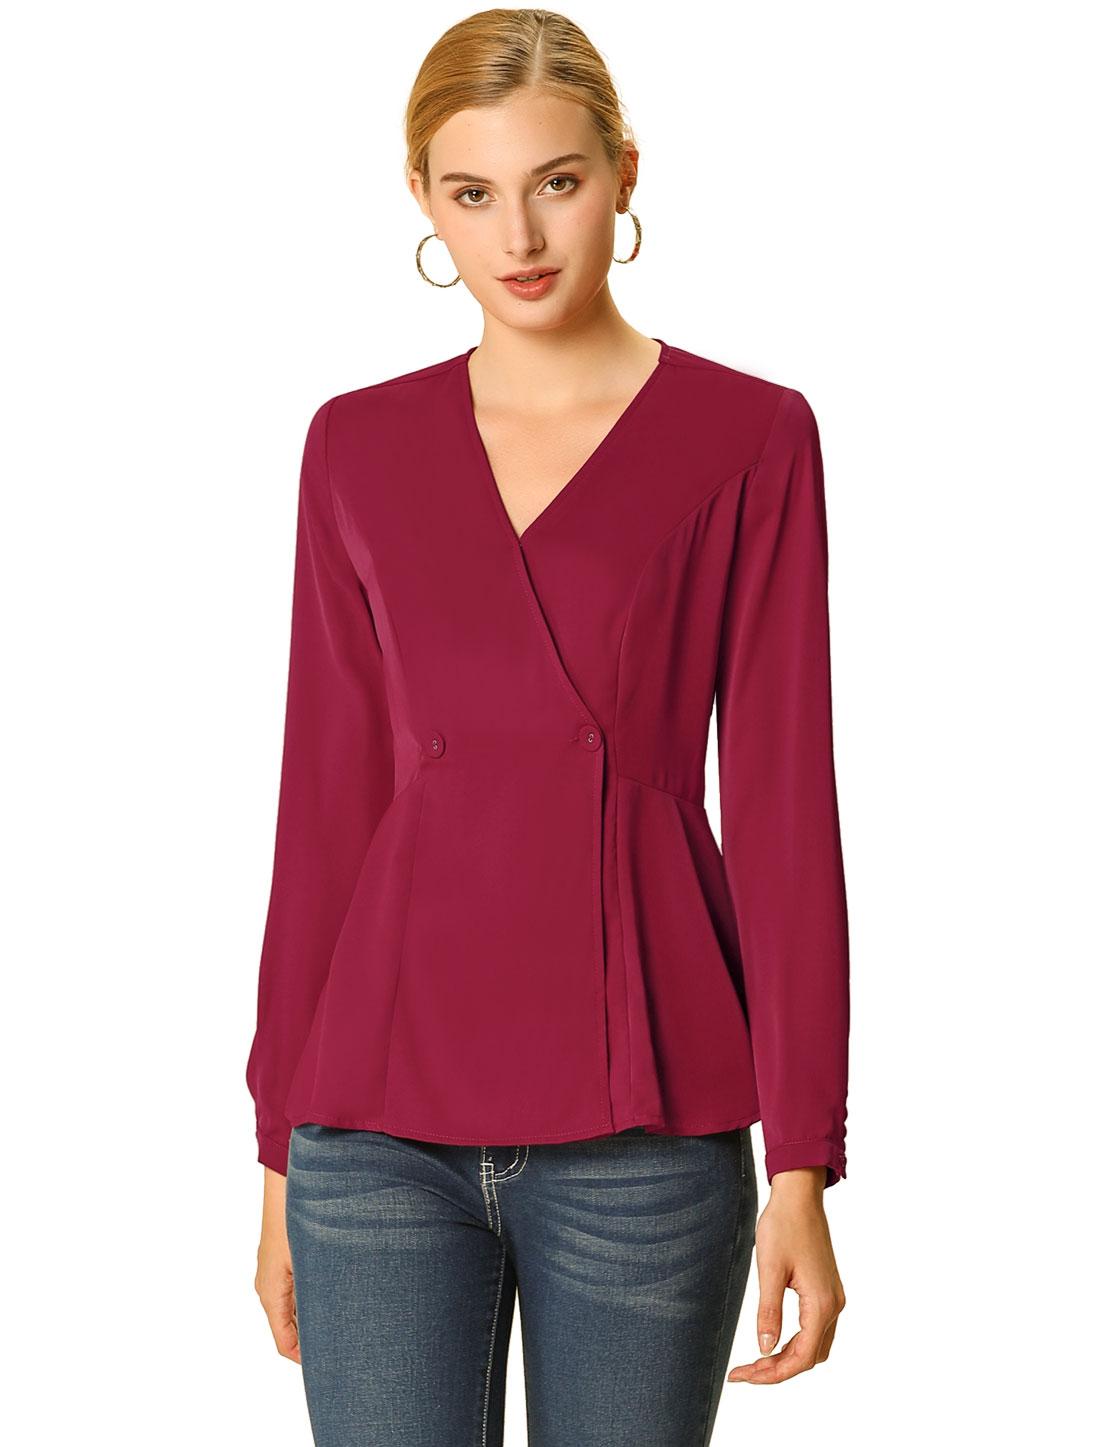 Allegra K Women's V Neck Long Sleeves Peplum Blouse Top Red M